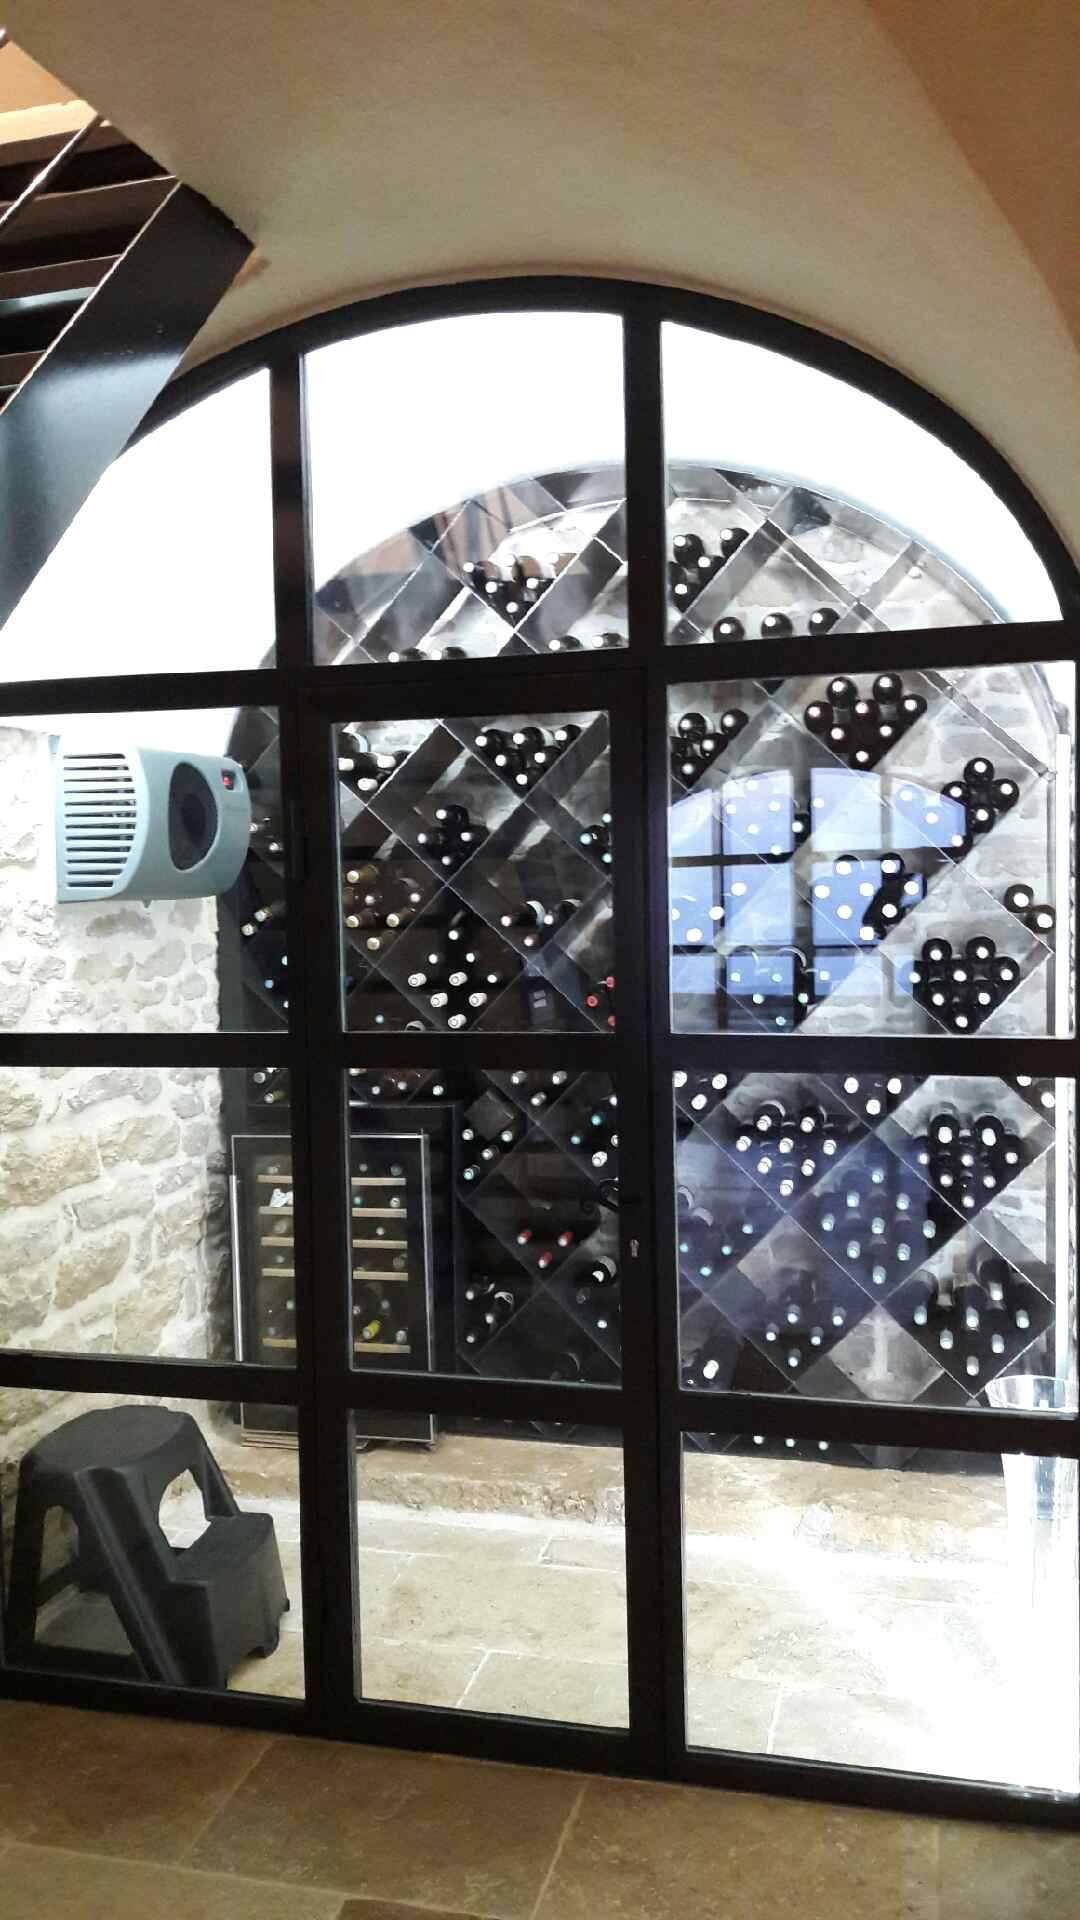 installation d 39 un climatiseur de cave a vin fondis chez un particulier dans le beaujolais. Black Bedroom Furniture Sets. Home Design Ideas